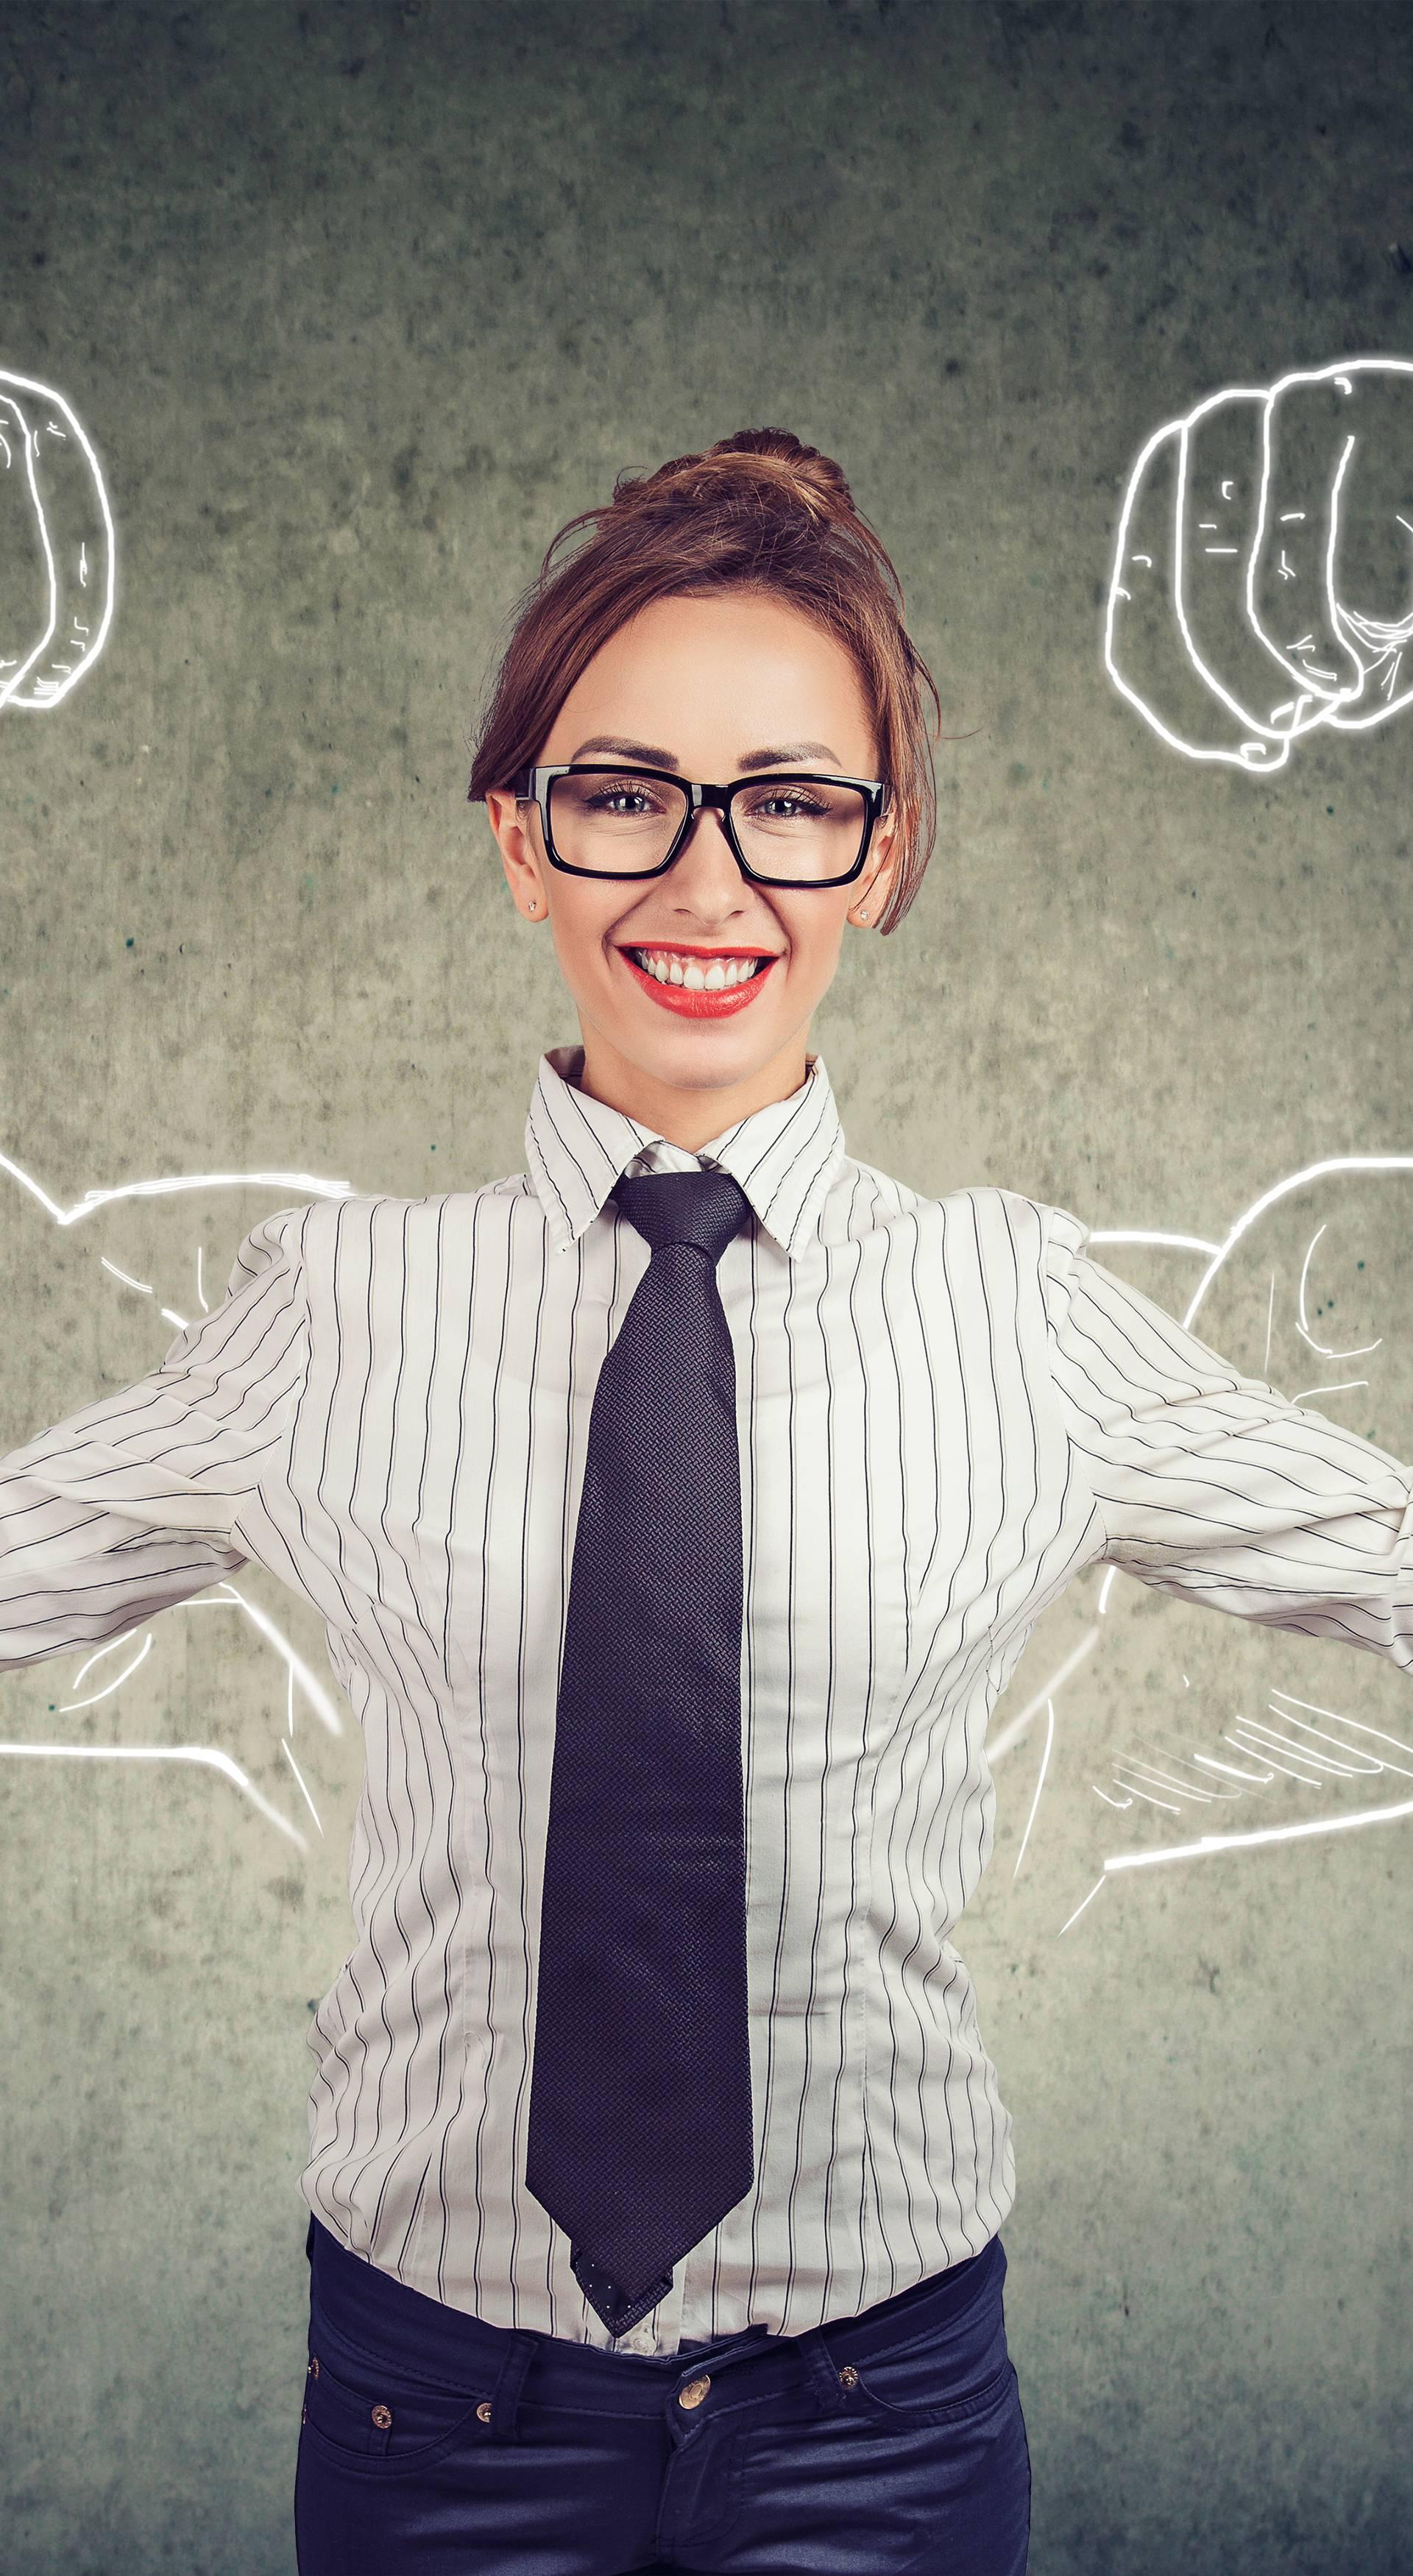 6 navika mentalno jakih ljudi: Znaju kako pronaći svoju snagu